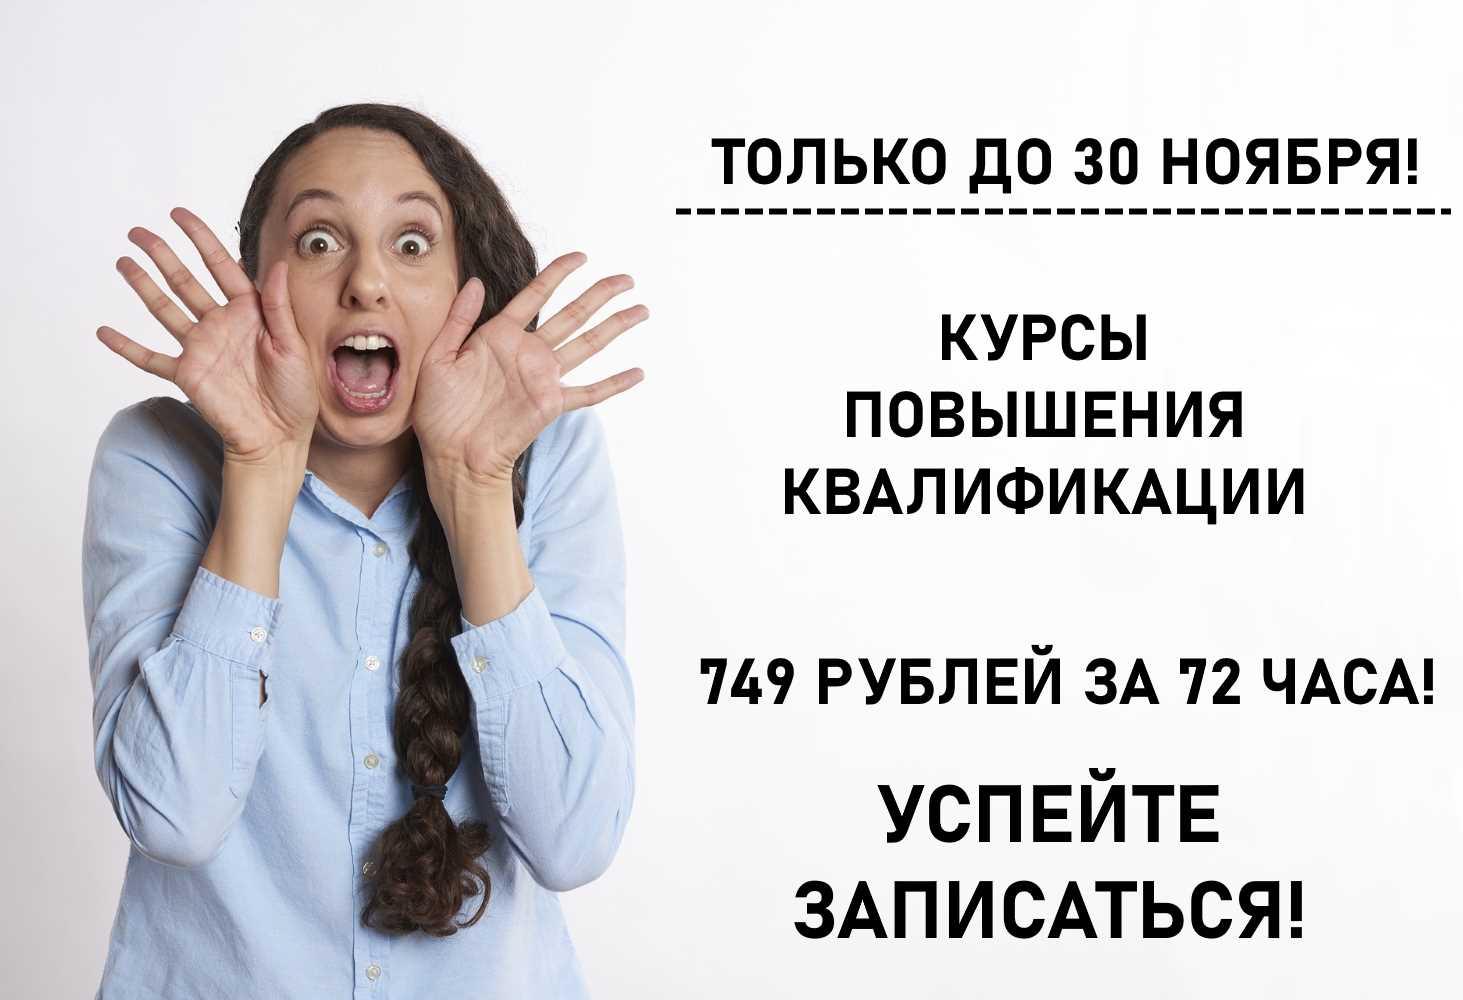 osennij-marafon-do-kontsa-aktsii-moego-universiteta-dlya-pedagogov-ostalos-pyat-dnej